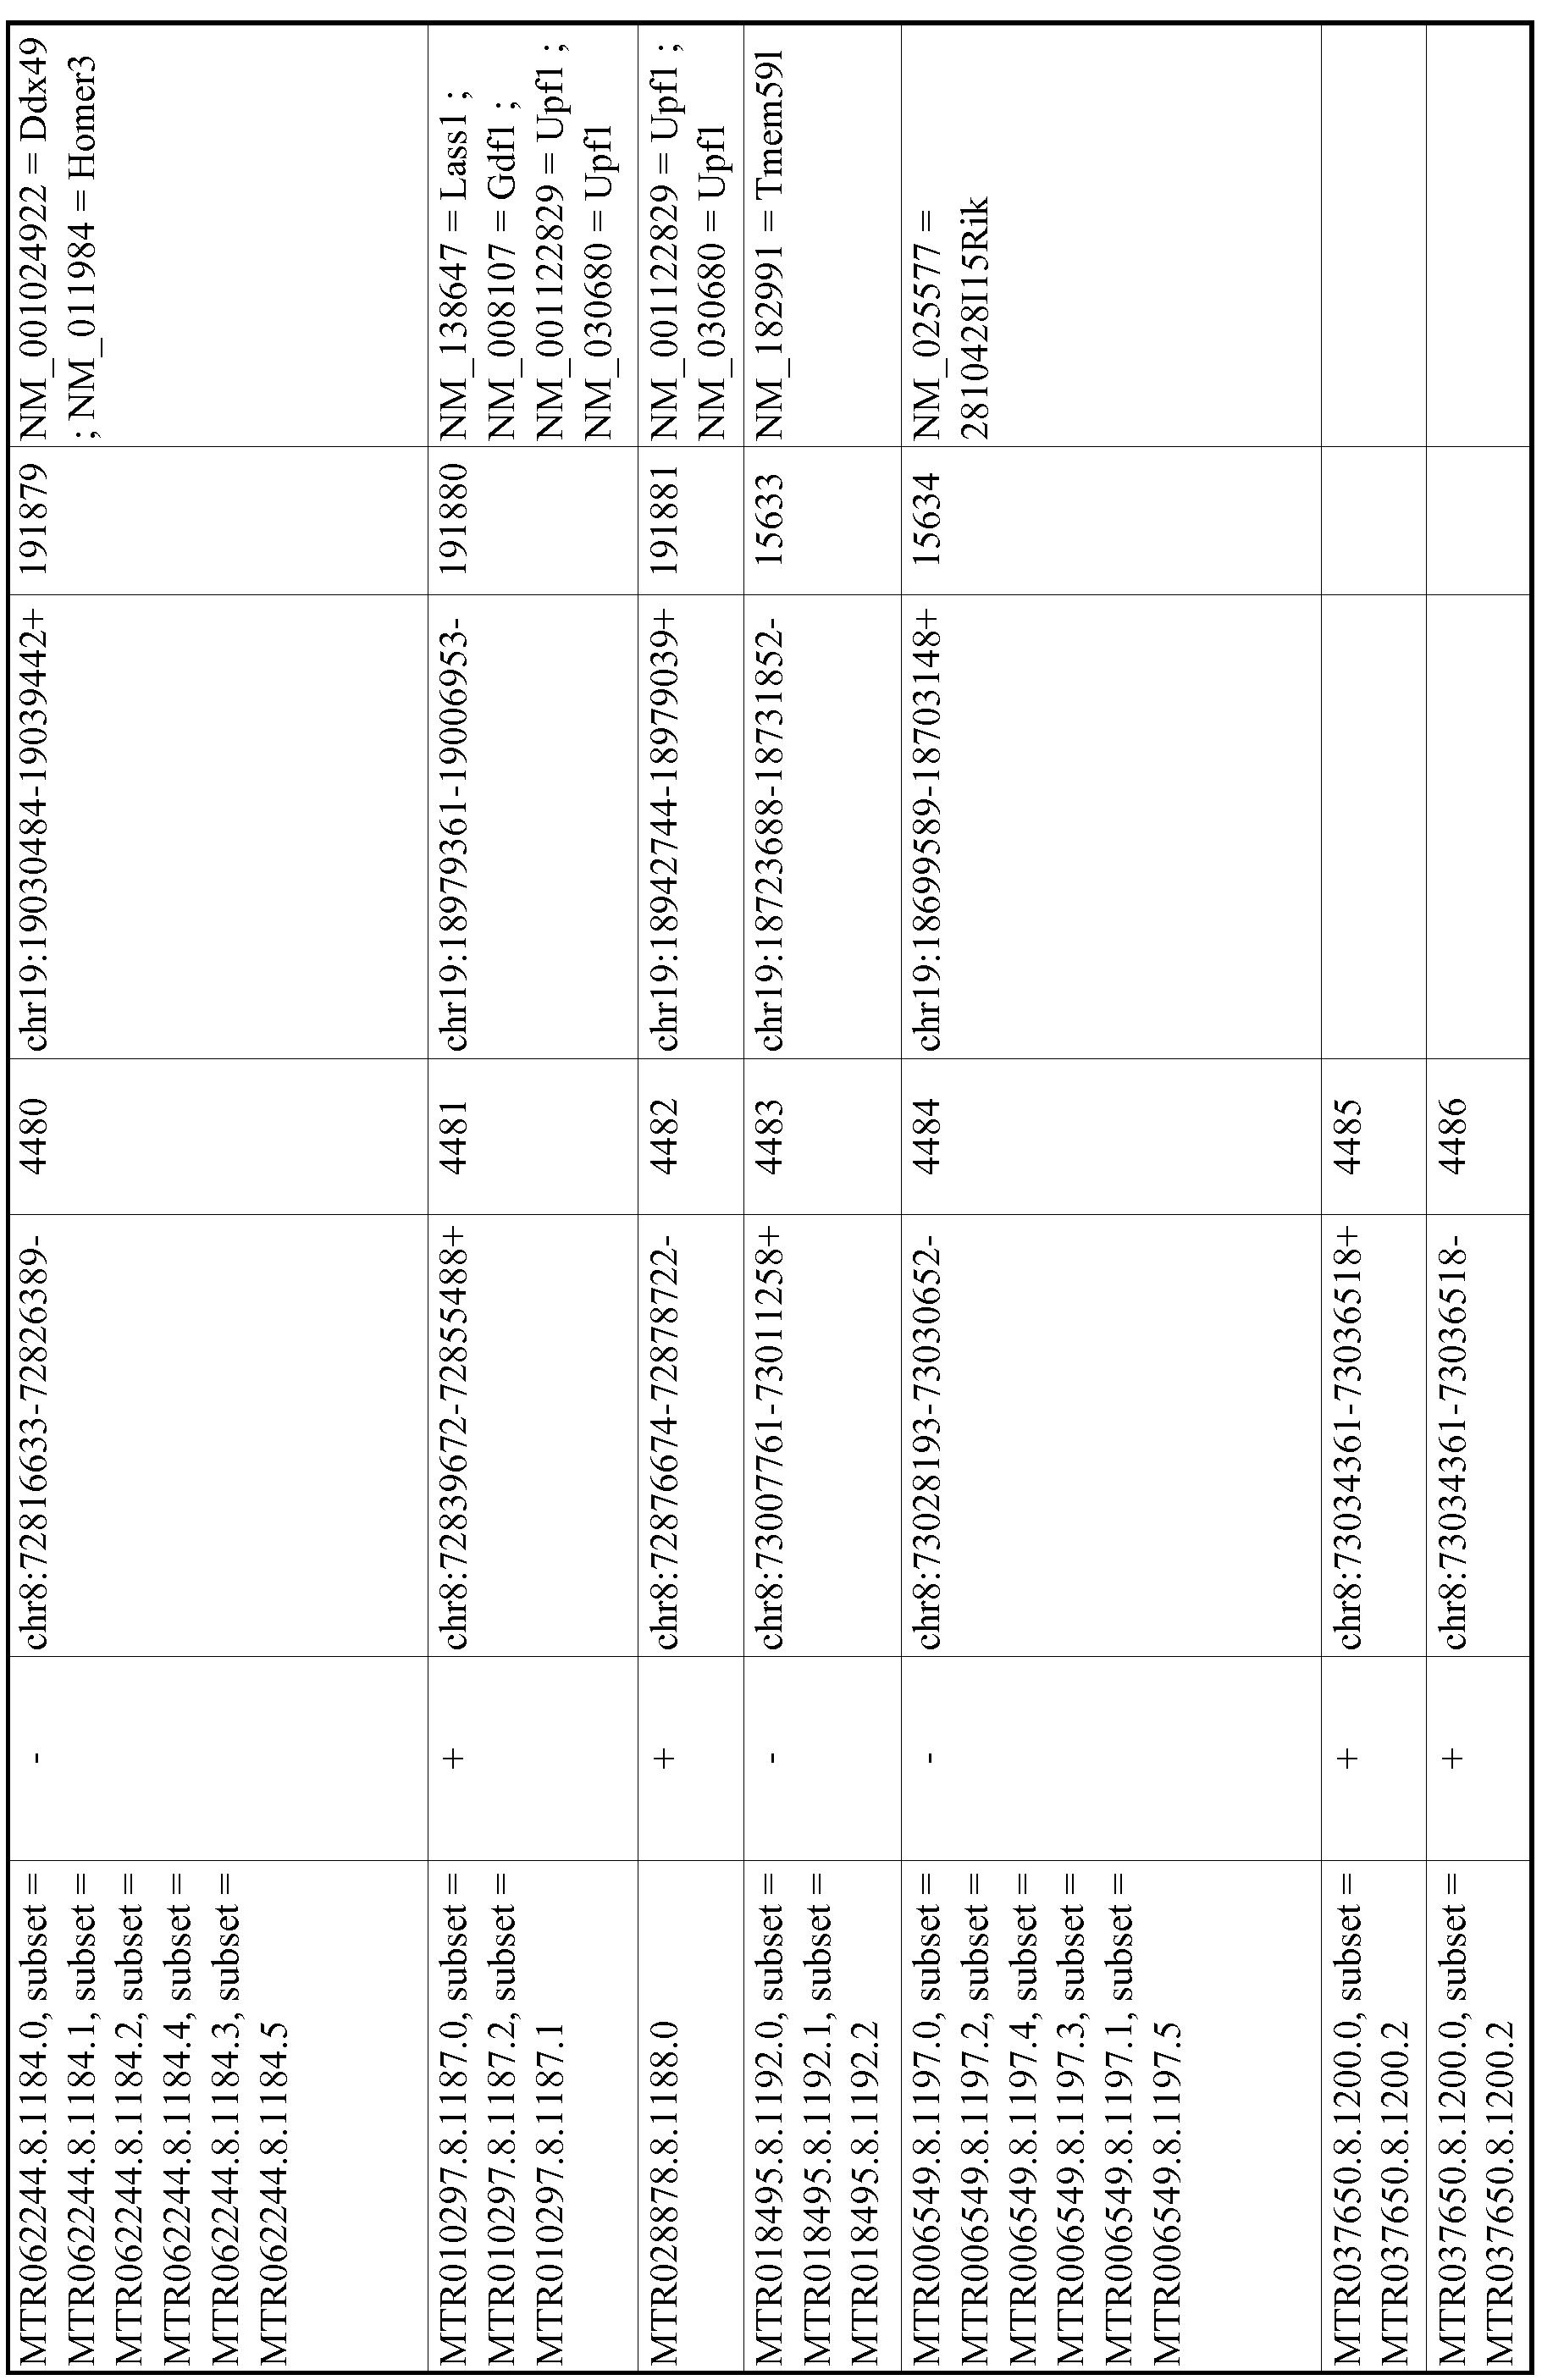 Figure imgf000833_0001